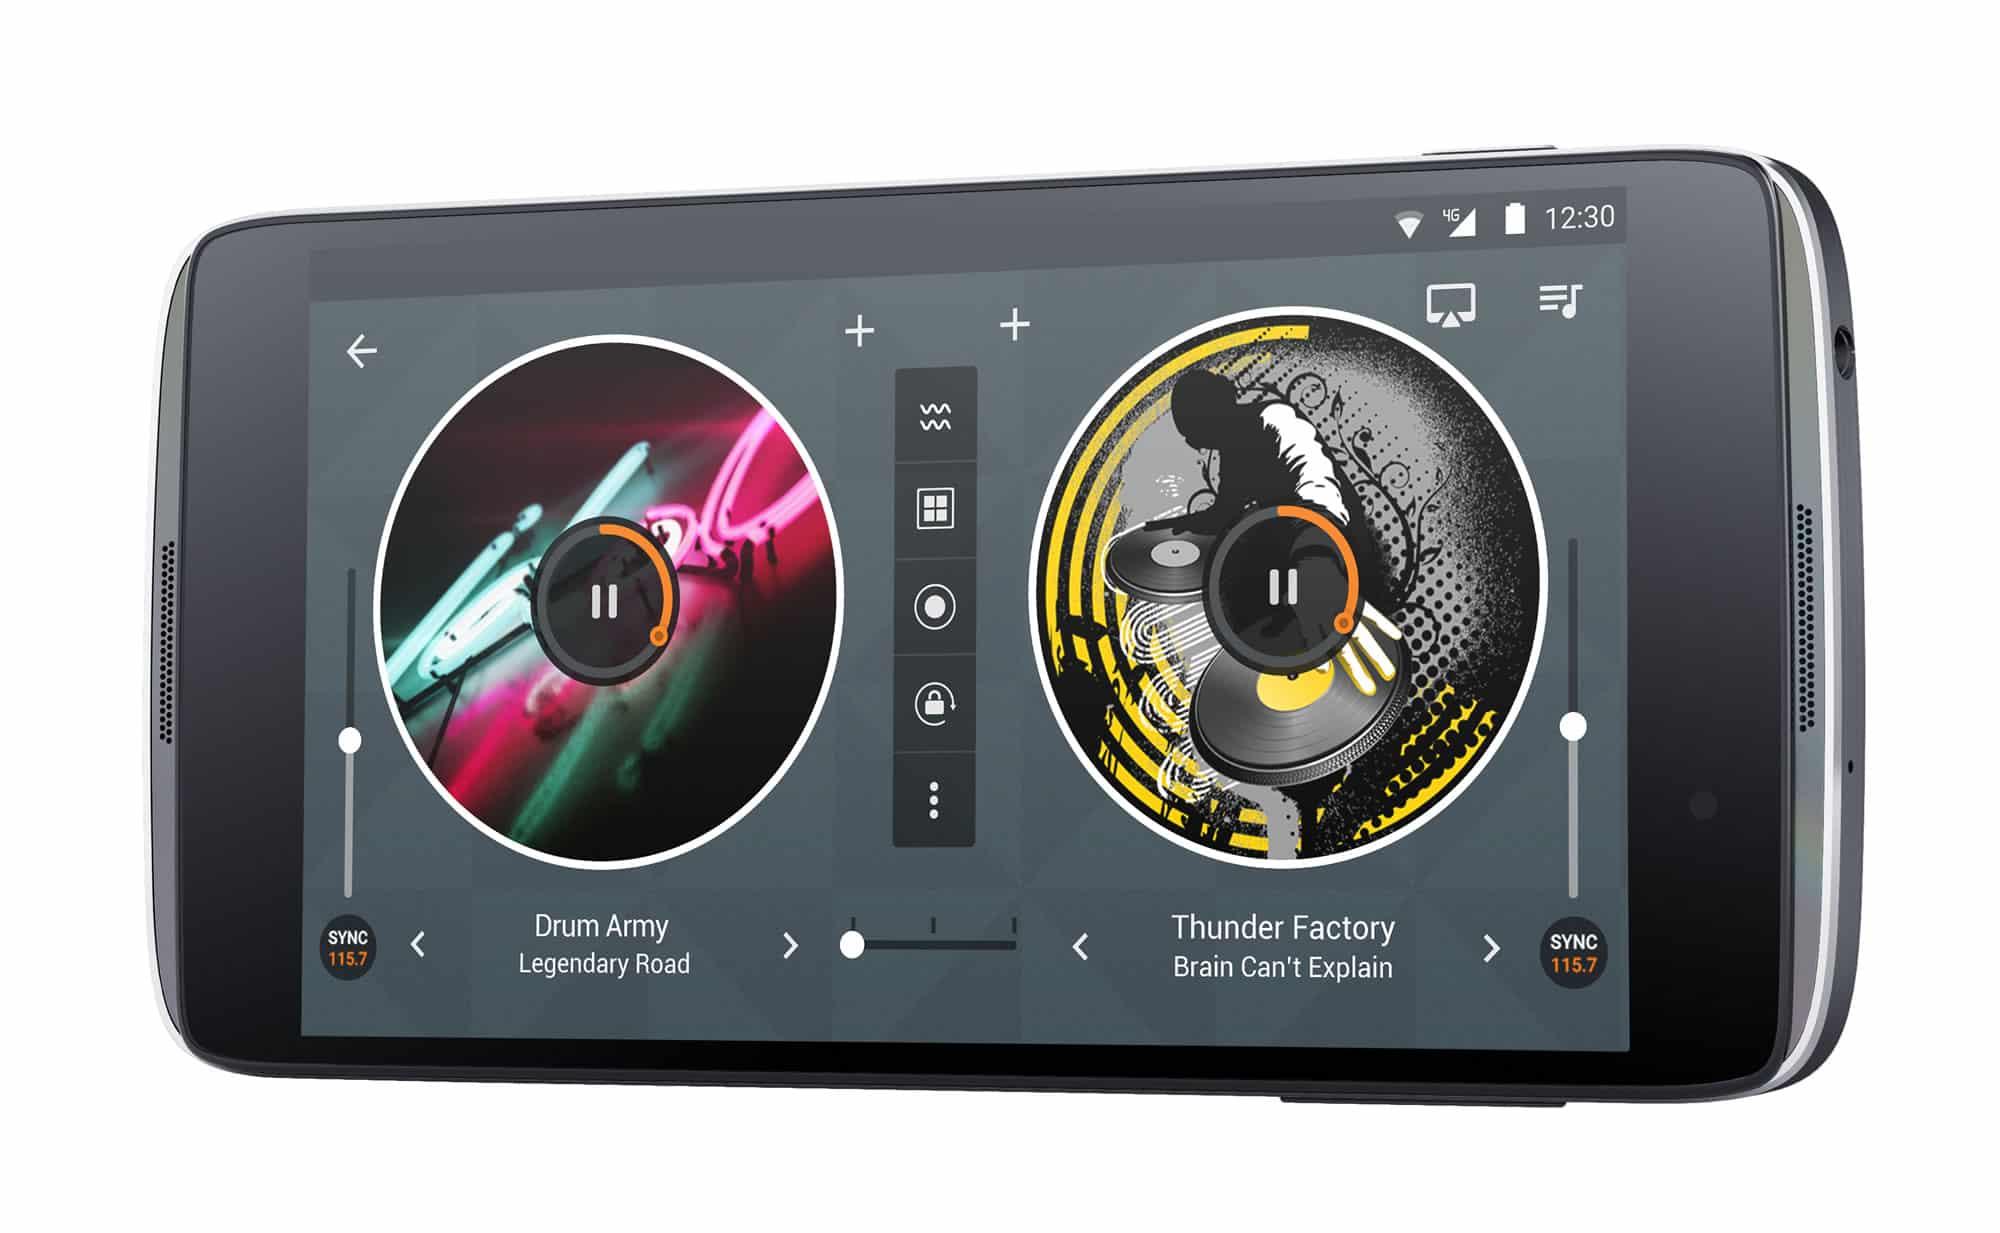 Así luce la aplicación de DJ en el Alcatel Onetouch IDOL3.